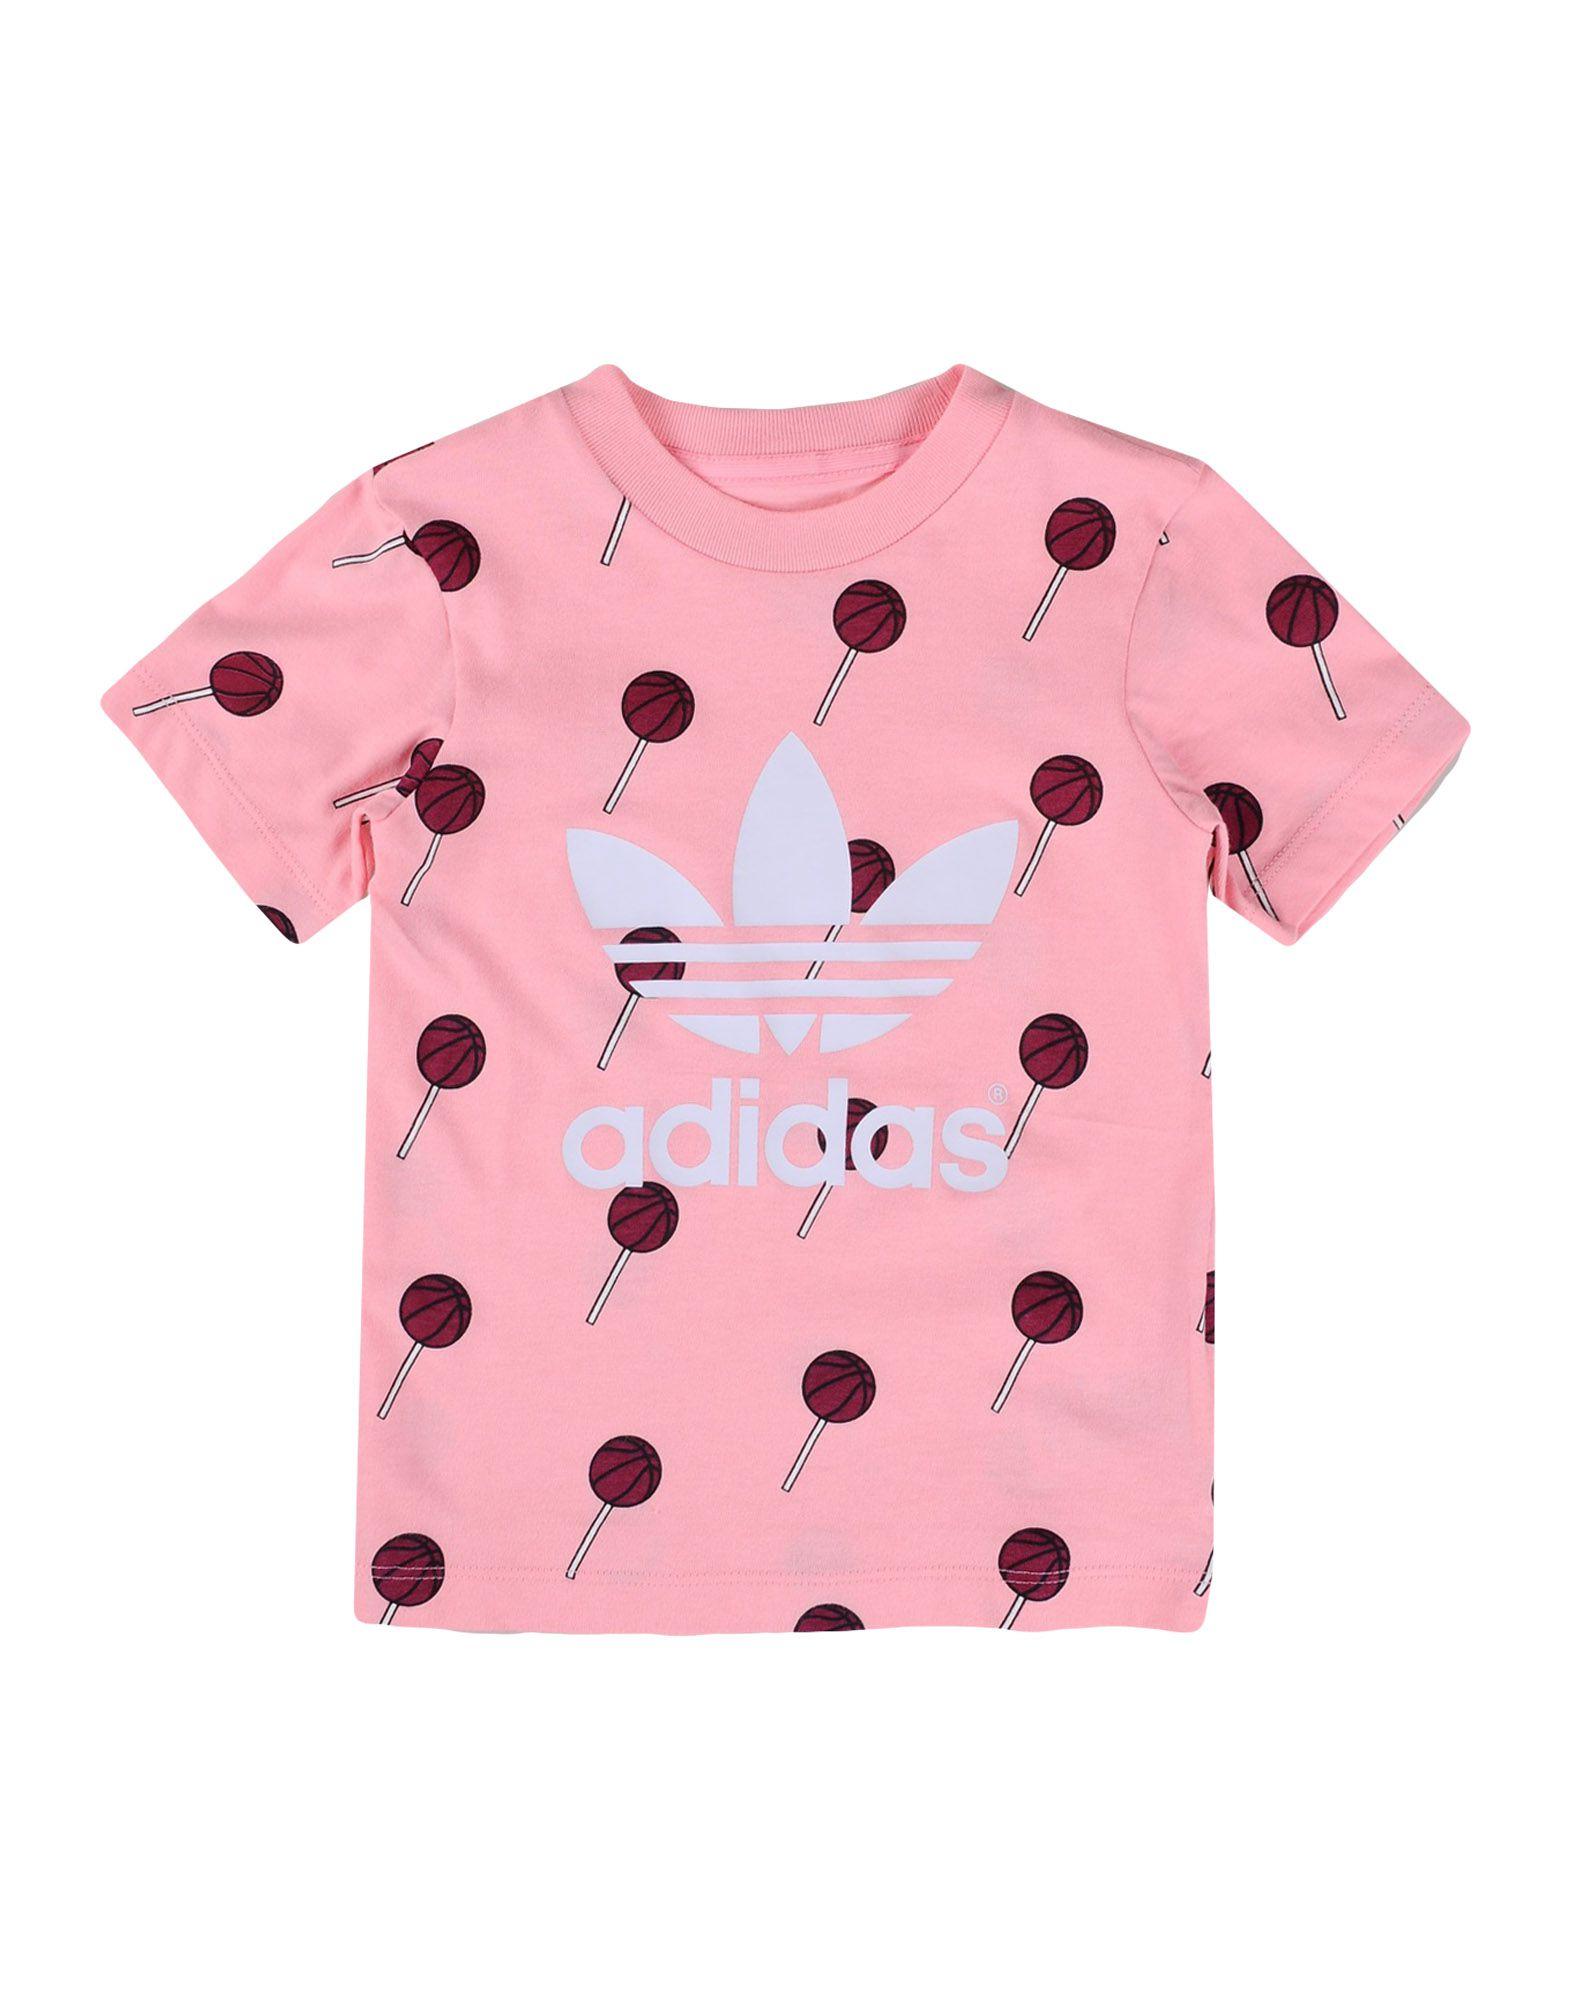 ADIDAS ORIGINALS Mädchen 0-24 monate T-shirts Farbe Rosa Größe 5